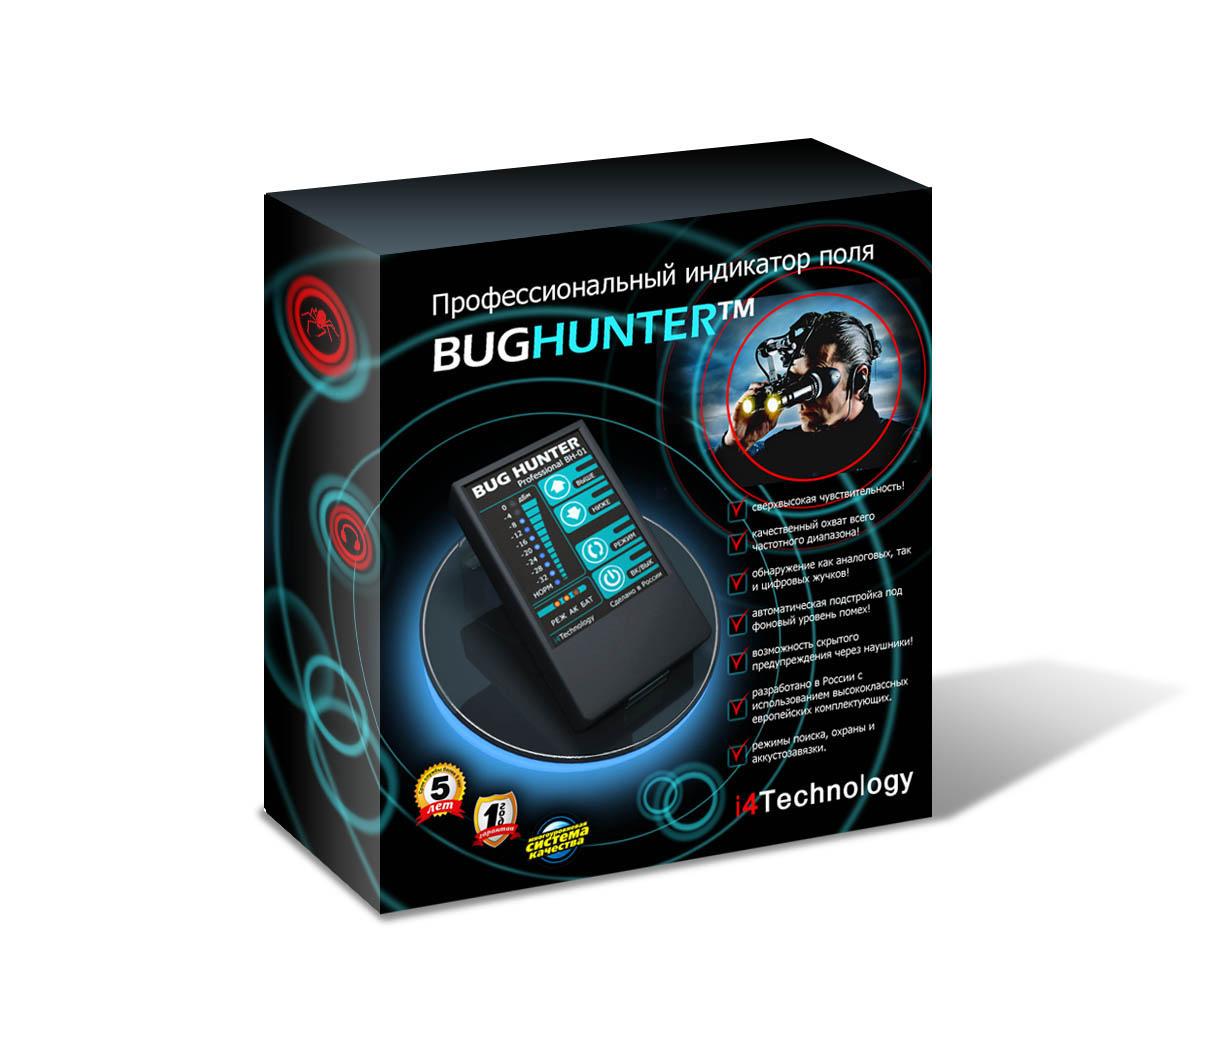 Упаковка для охранной системы BUGHUNTER 2